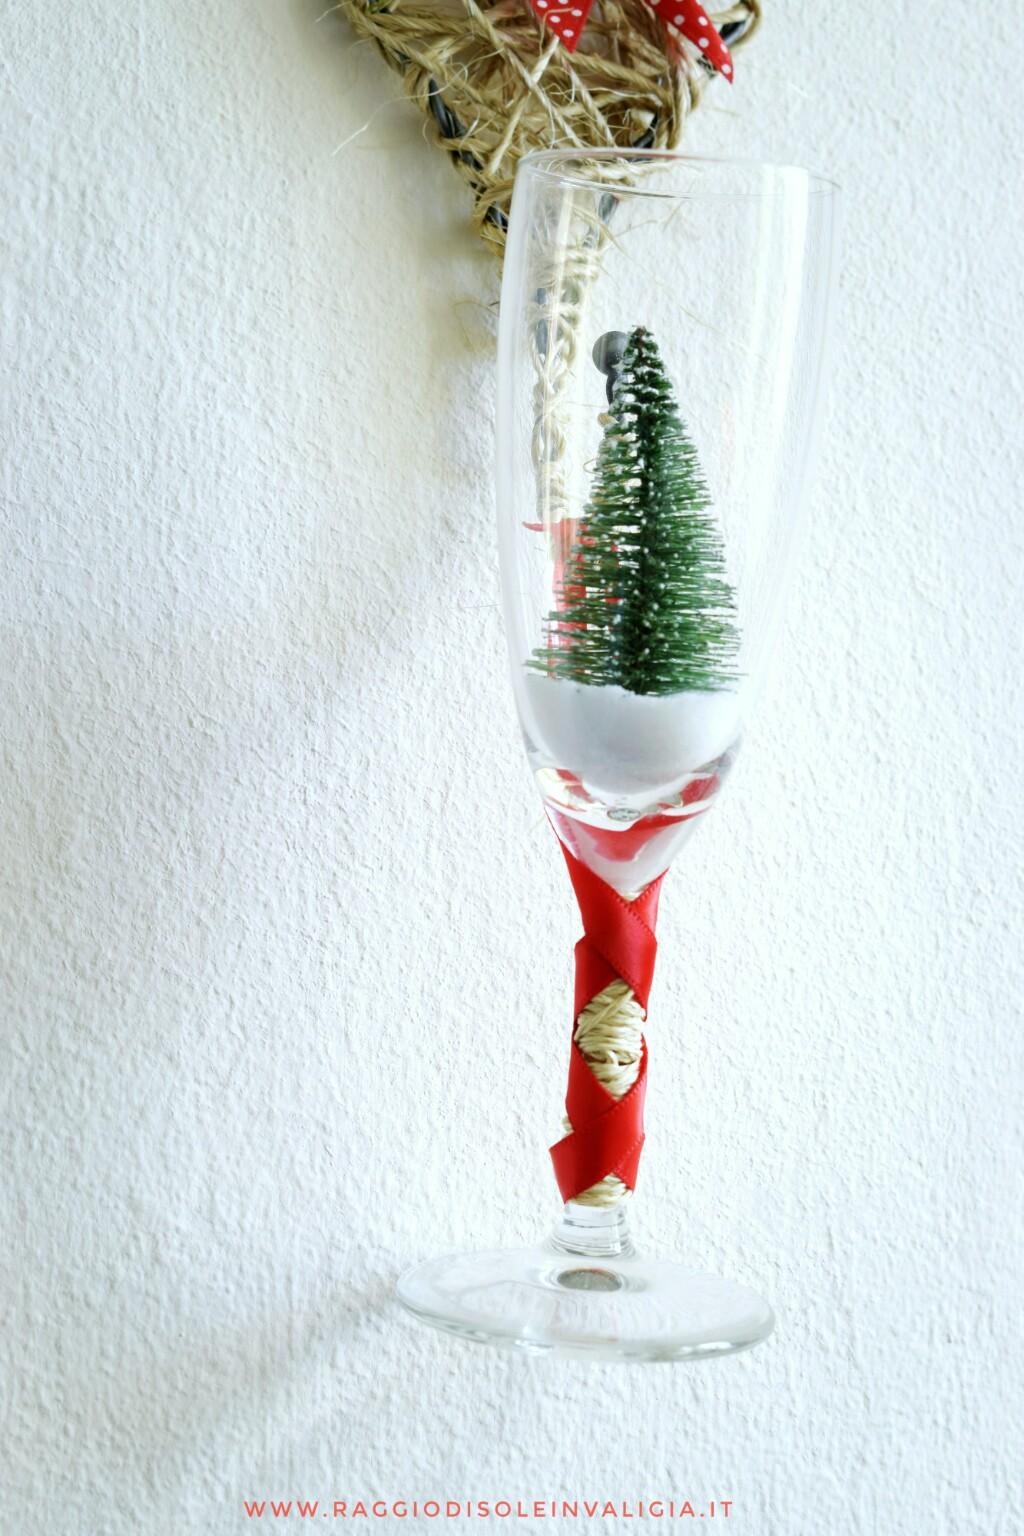 inverno:decorazione per la casa fai da te con riciclo